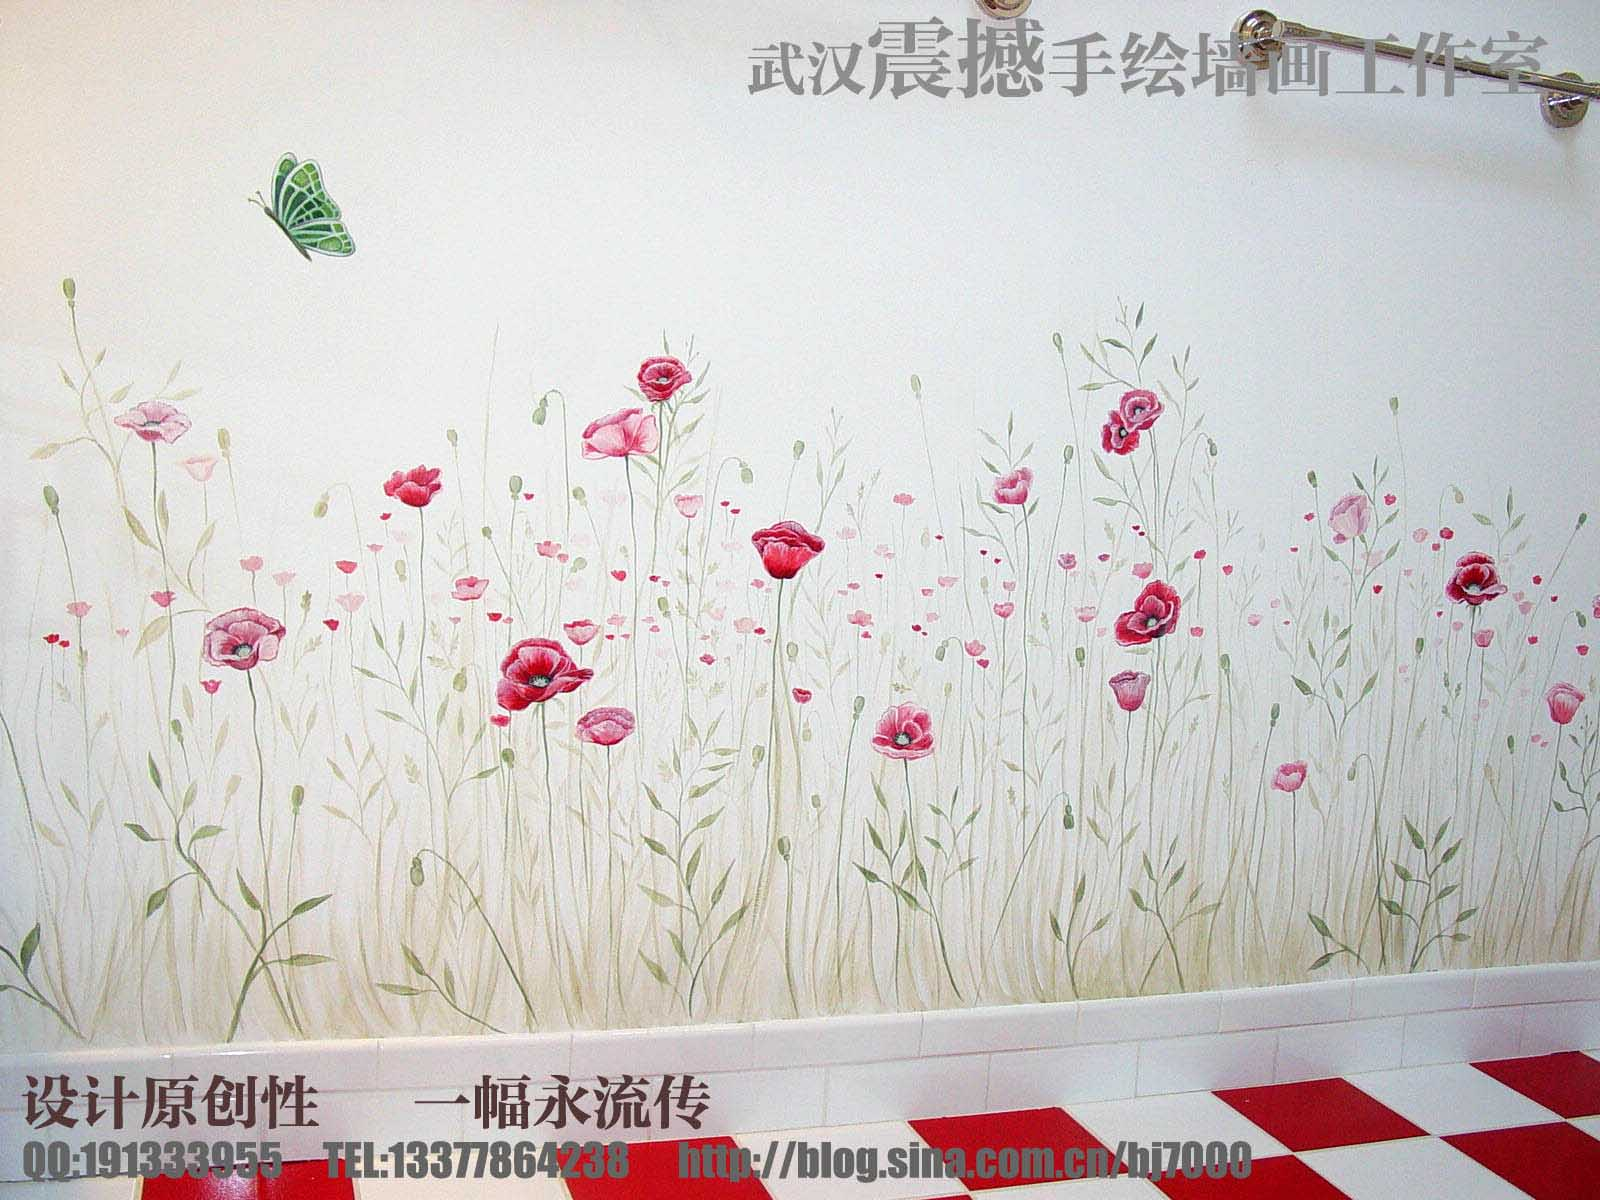 武汉手绘墙画 武汉壁画